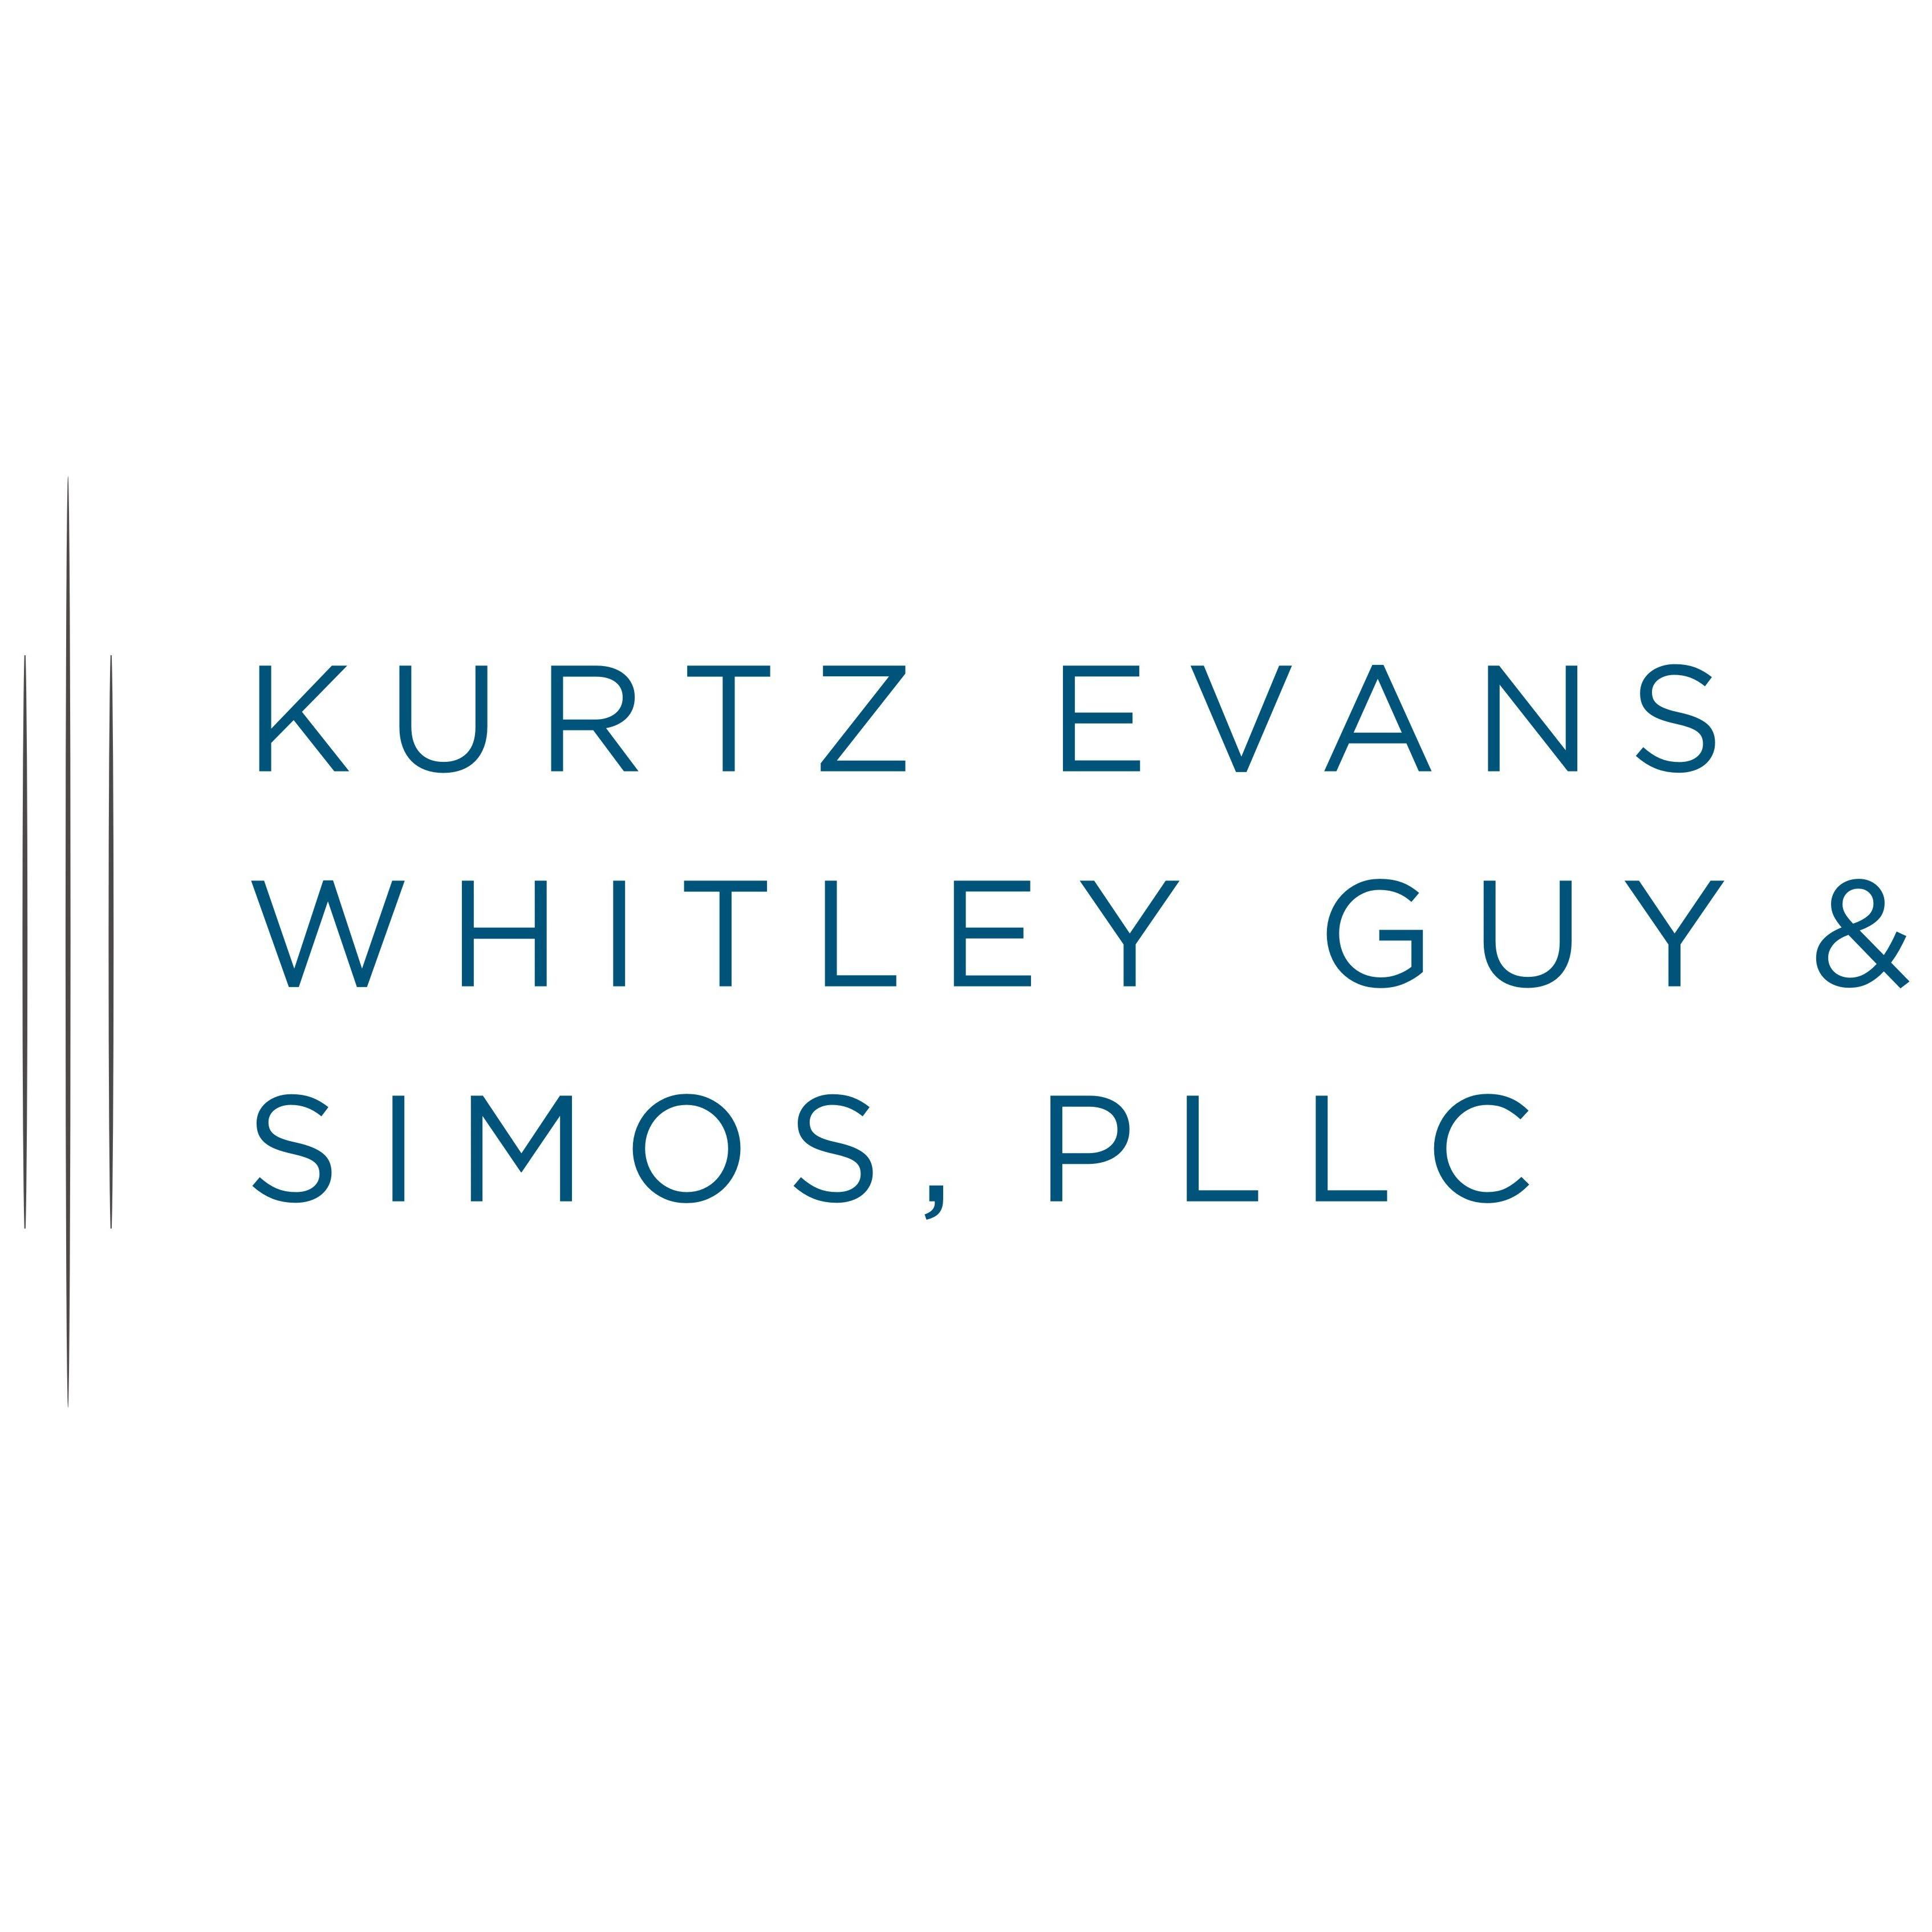 Kurtz Evans Whitley Guy & Simos, PLLC image 8